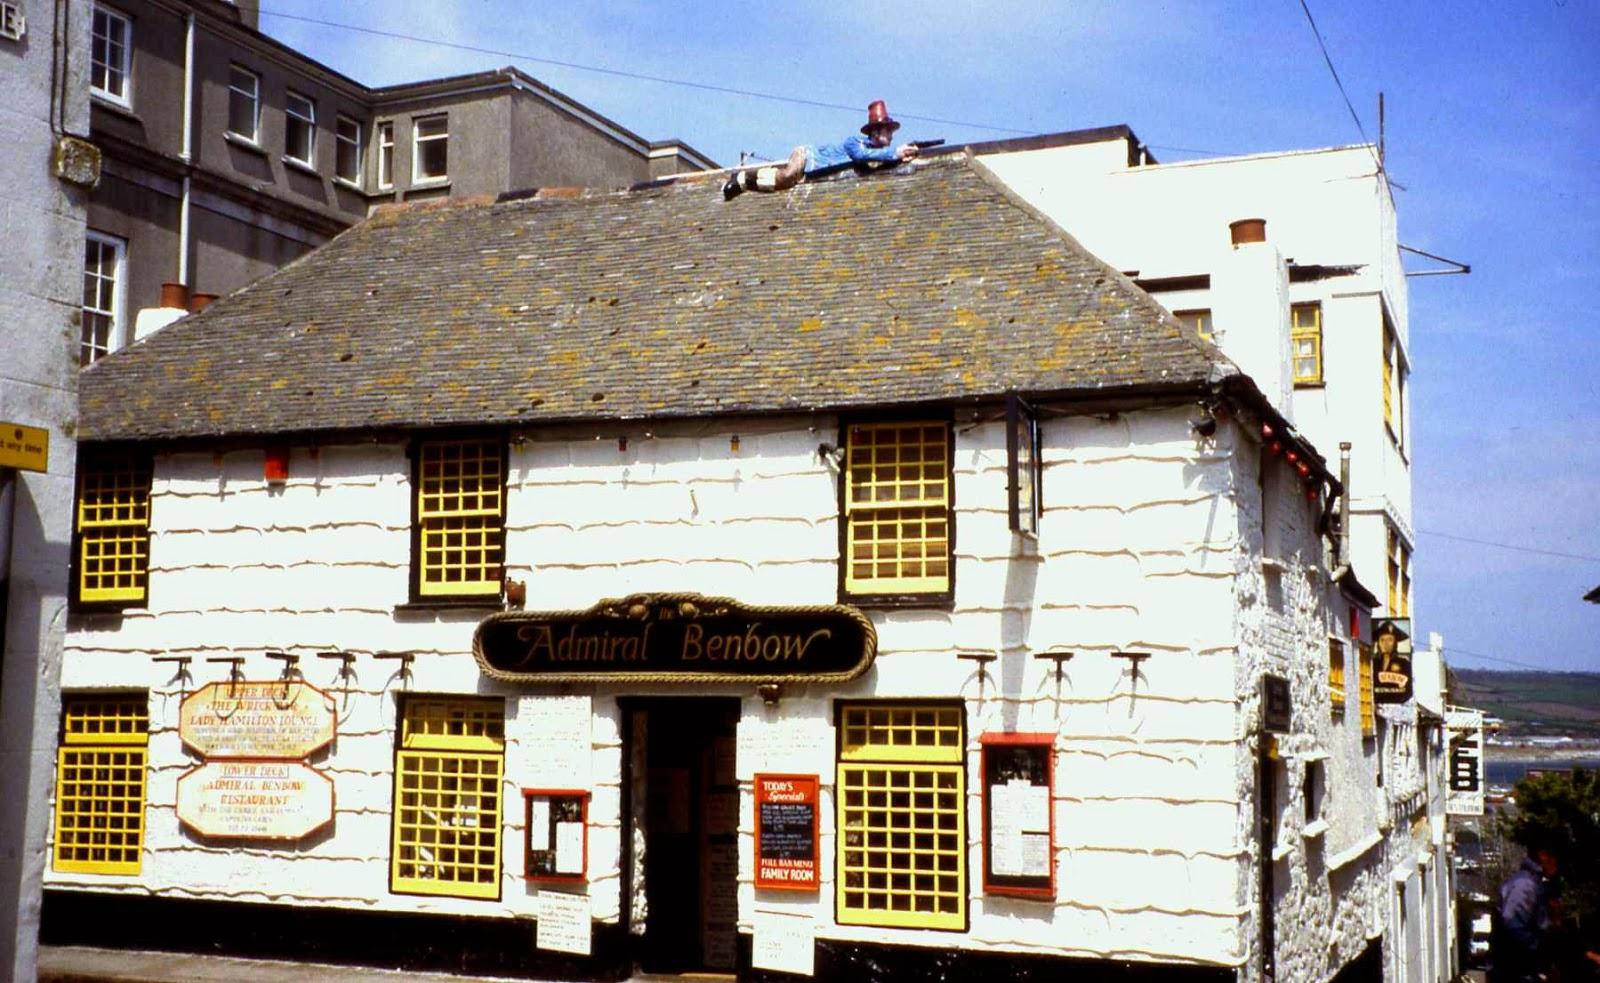 Benbow Inn Haunted of The Admiral Benbow Inn